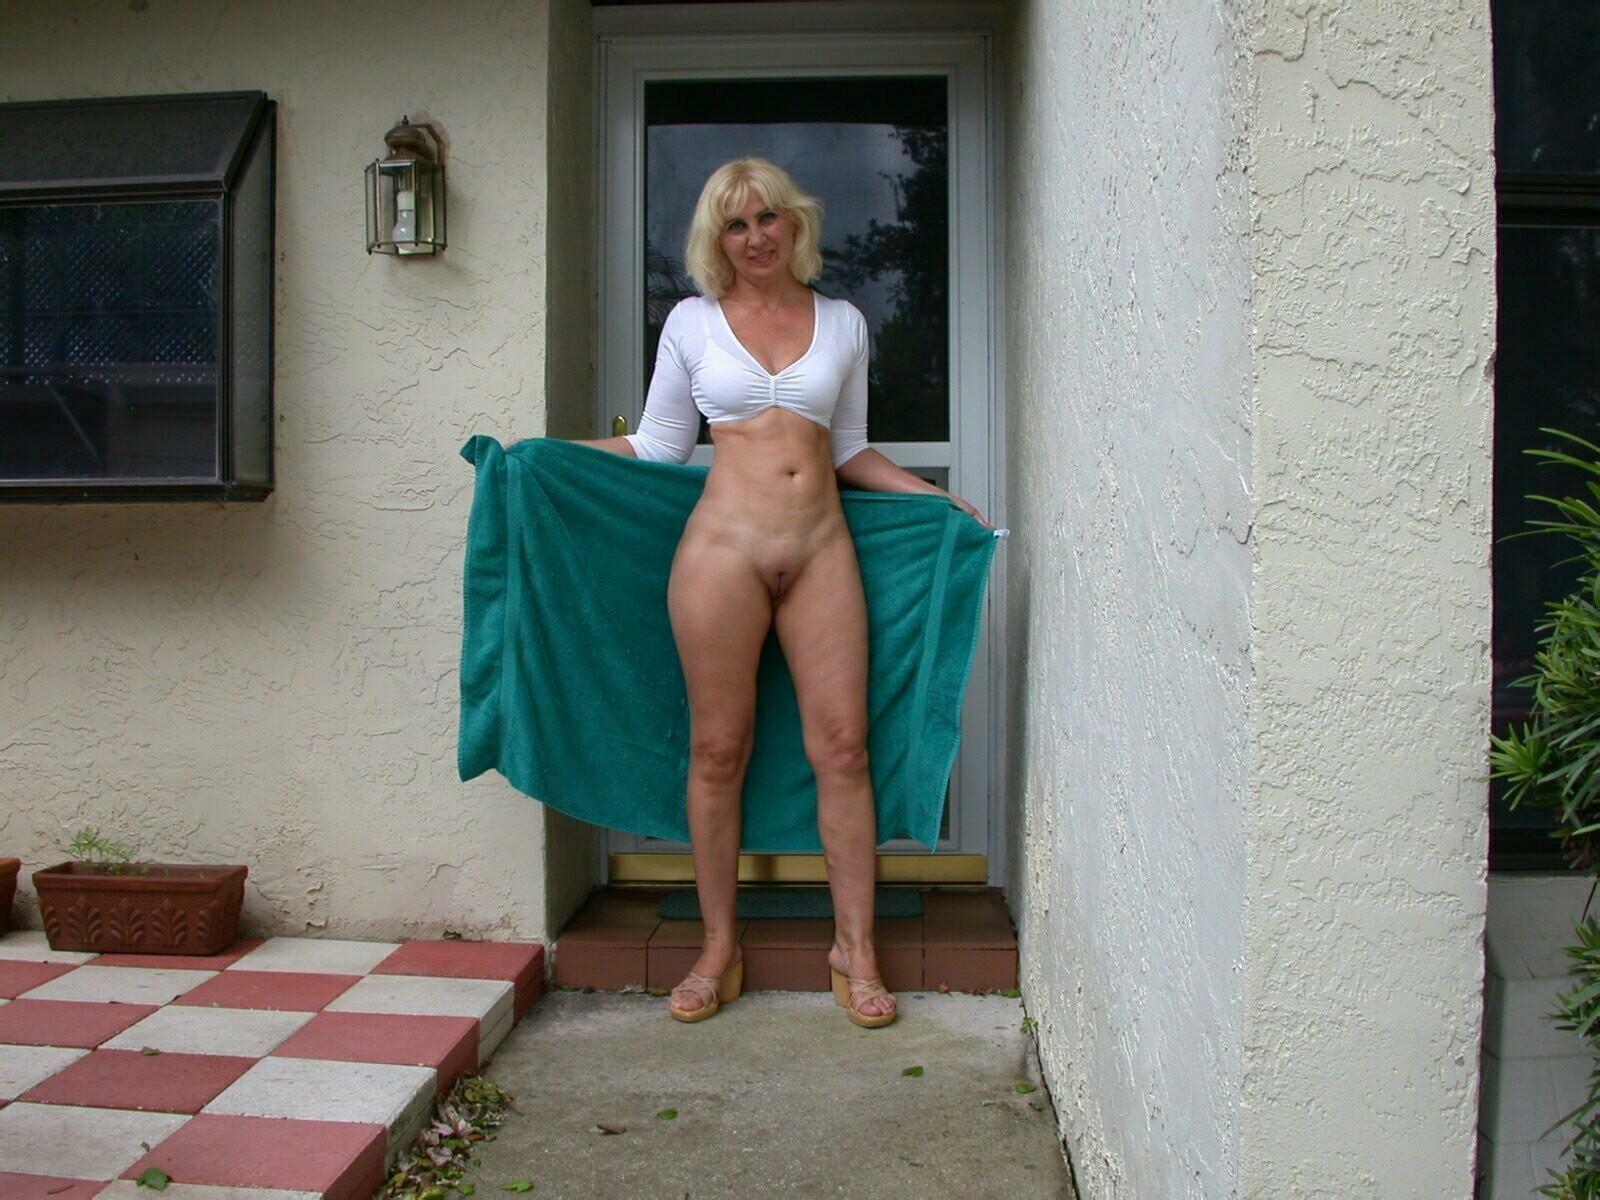 Mature neighbor gallery post — 1